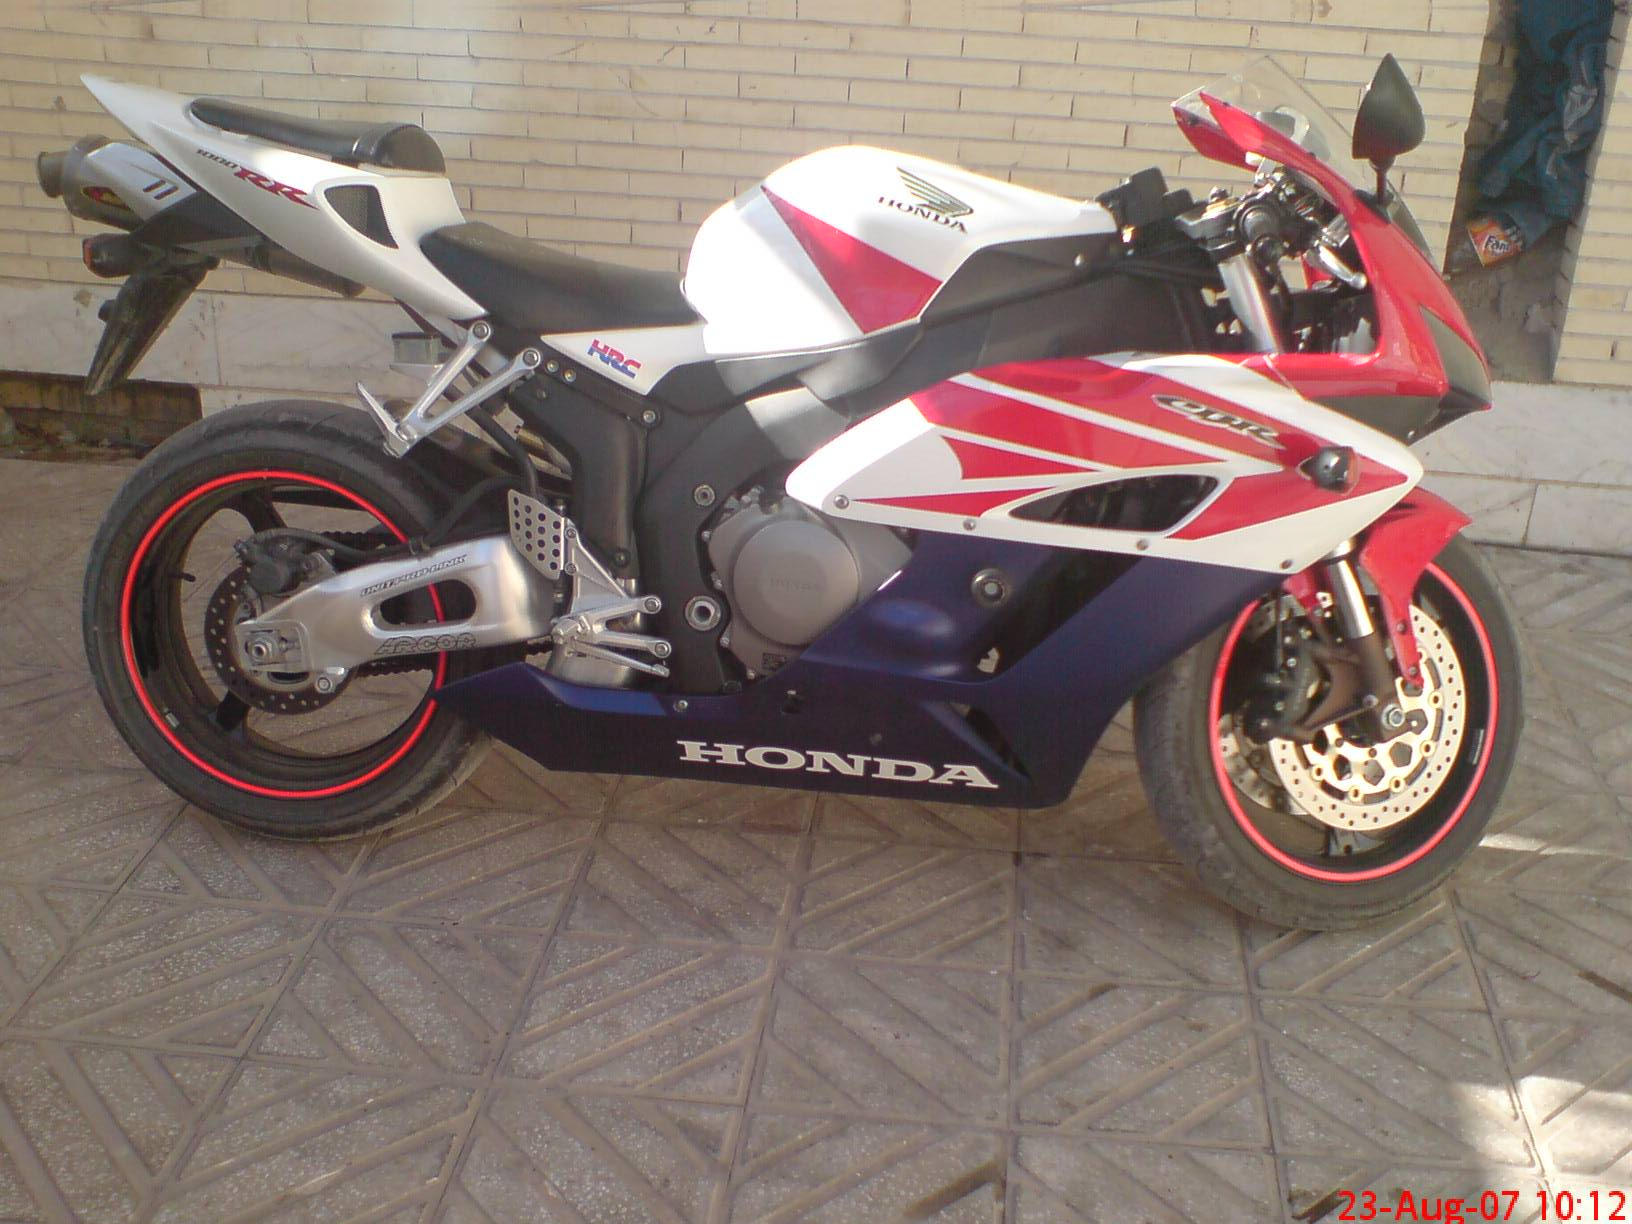 http://s1.picofile.com/file/7309479458/Honda_%E2%80%8F_%E2%80%8FR_R.jpg